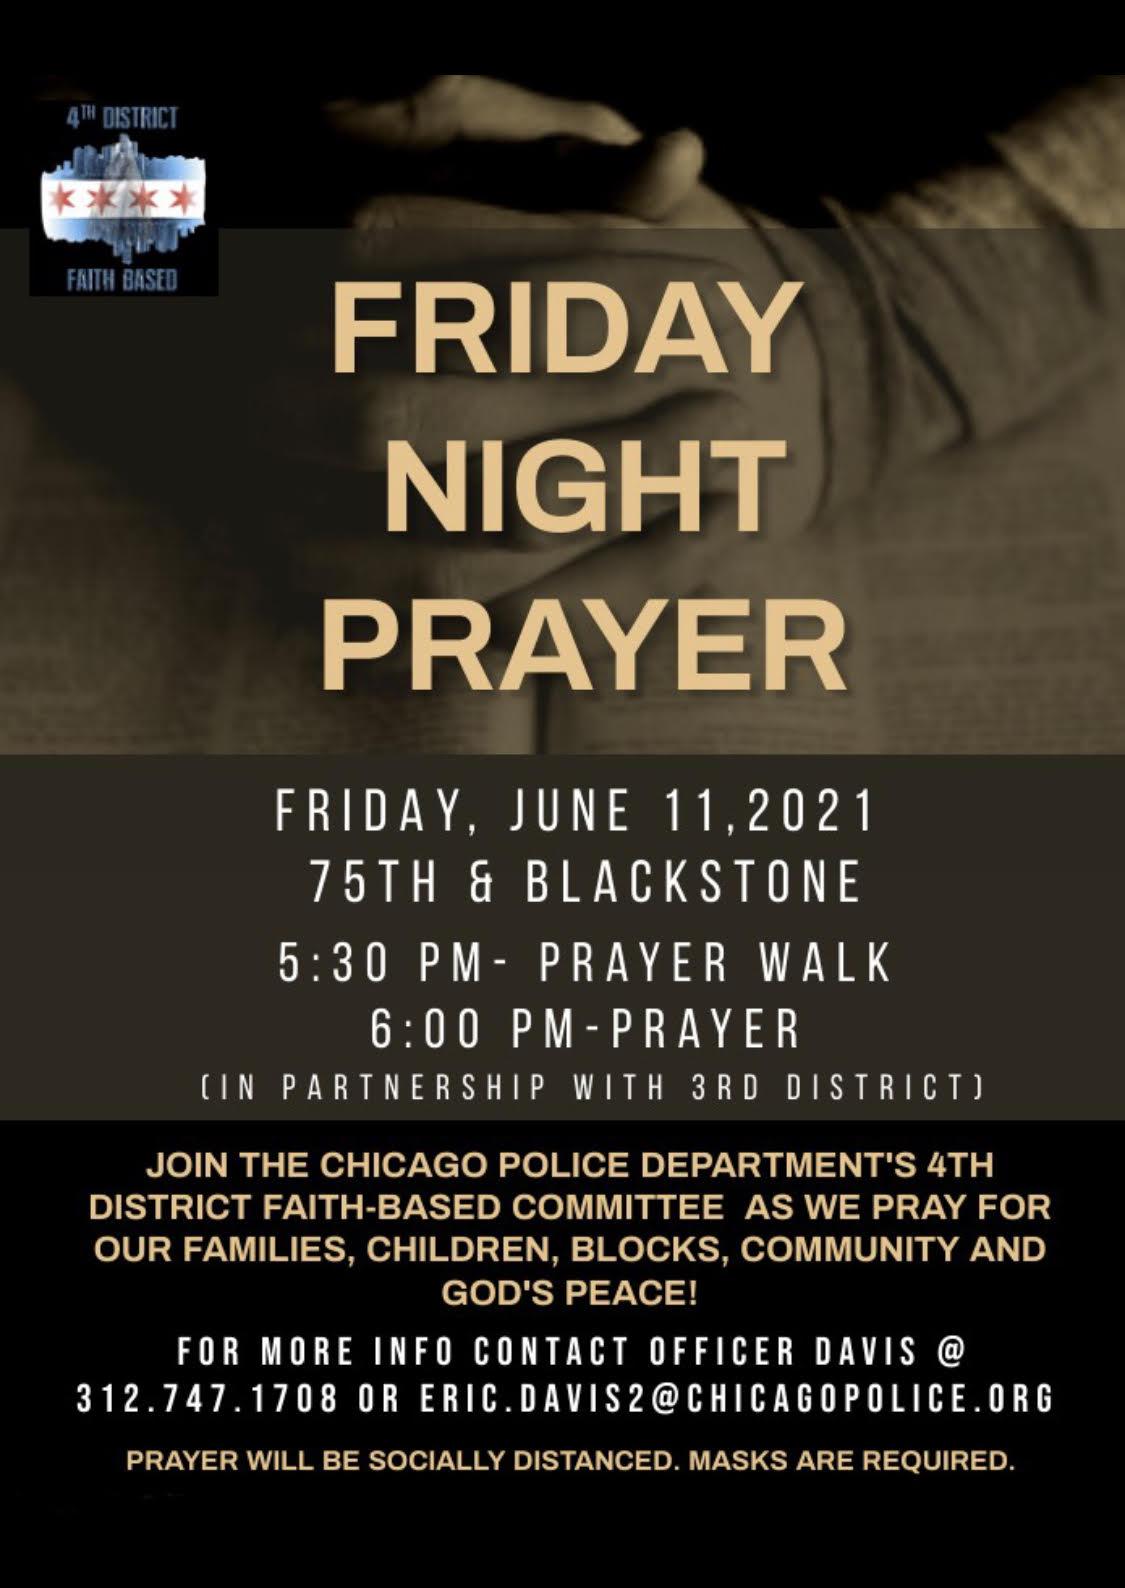 Friday Night Prayer (4th District)